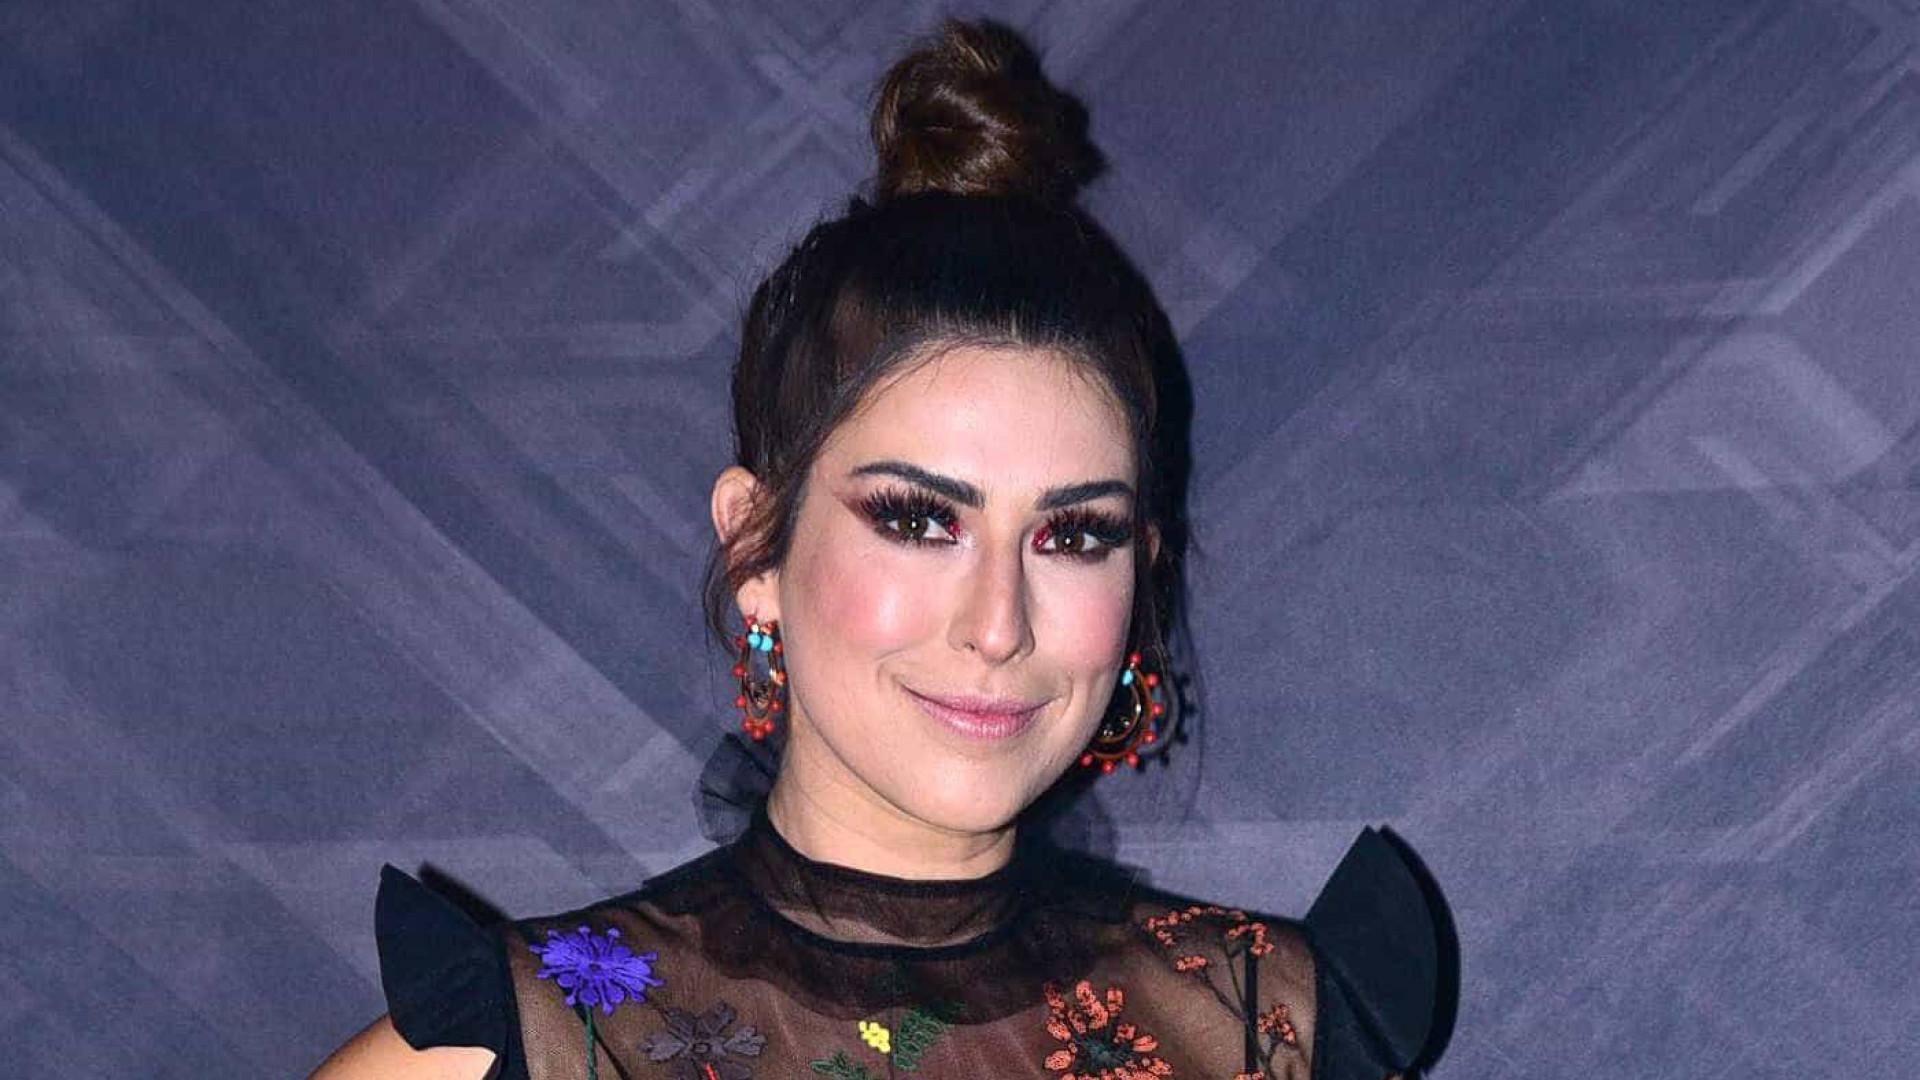 Fernanda Paes Leme relembra época de Sandy & Jr: 'Não era fã deles'